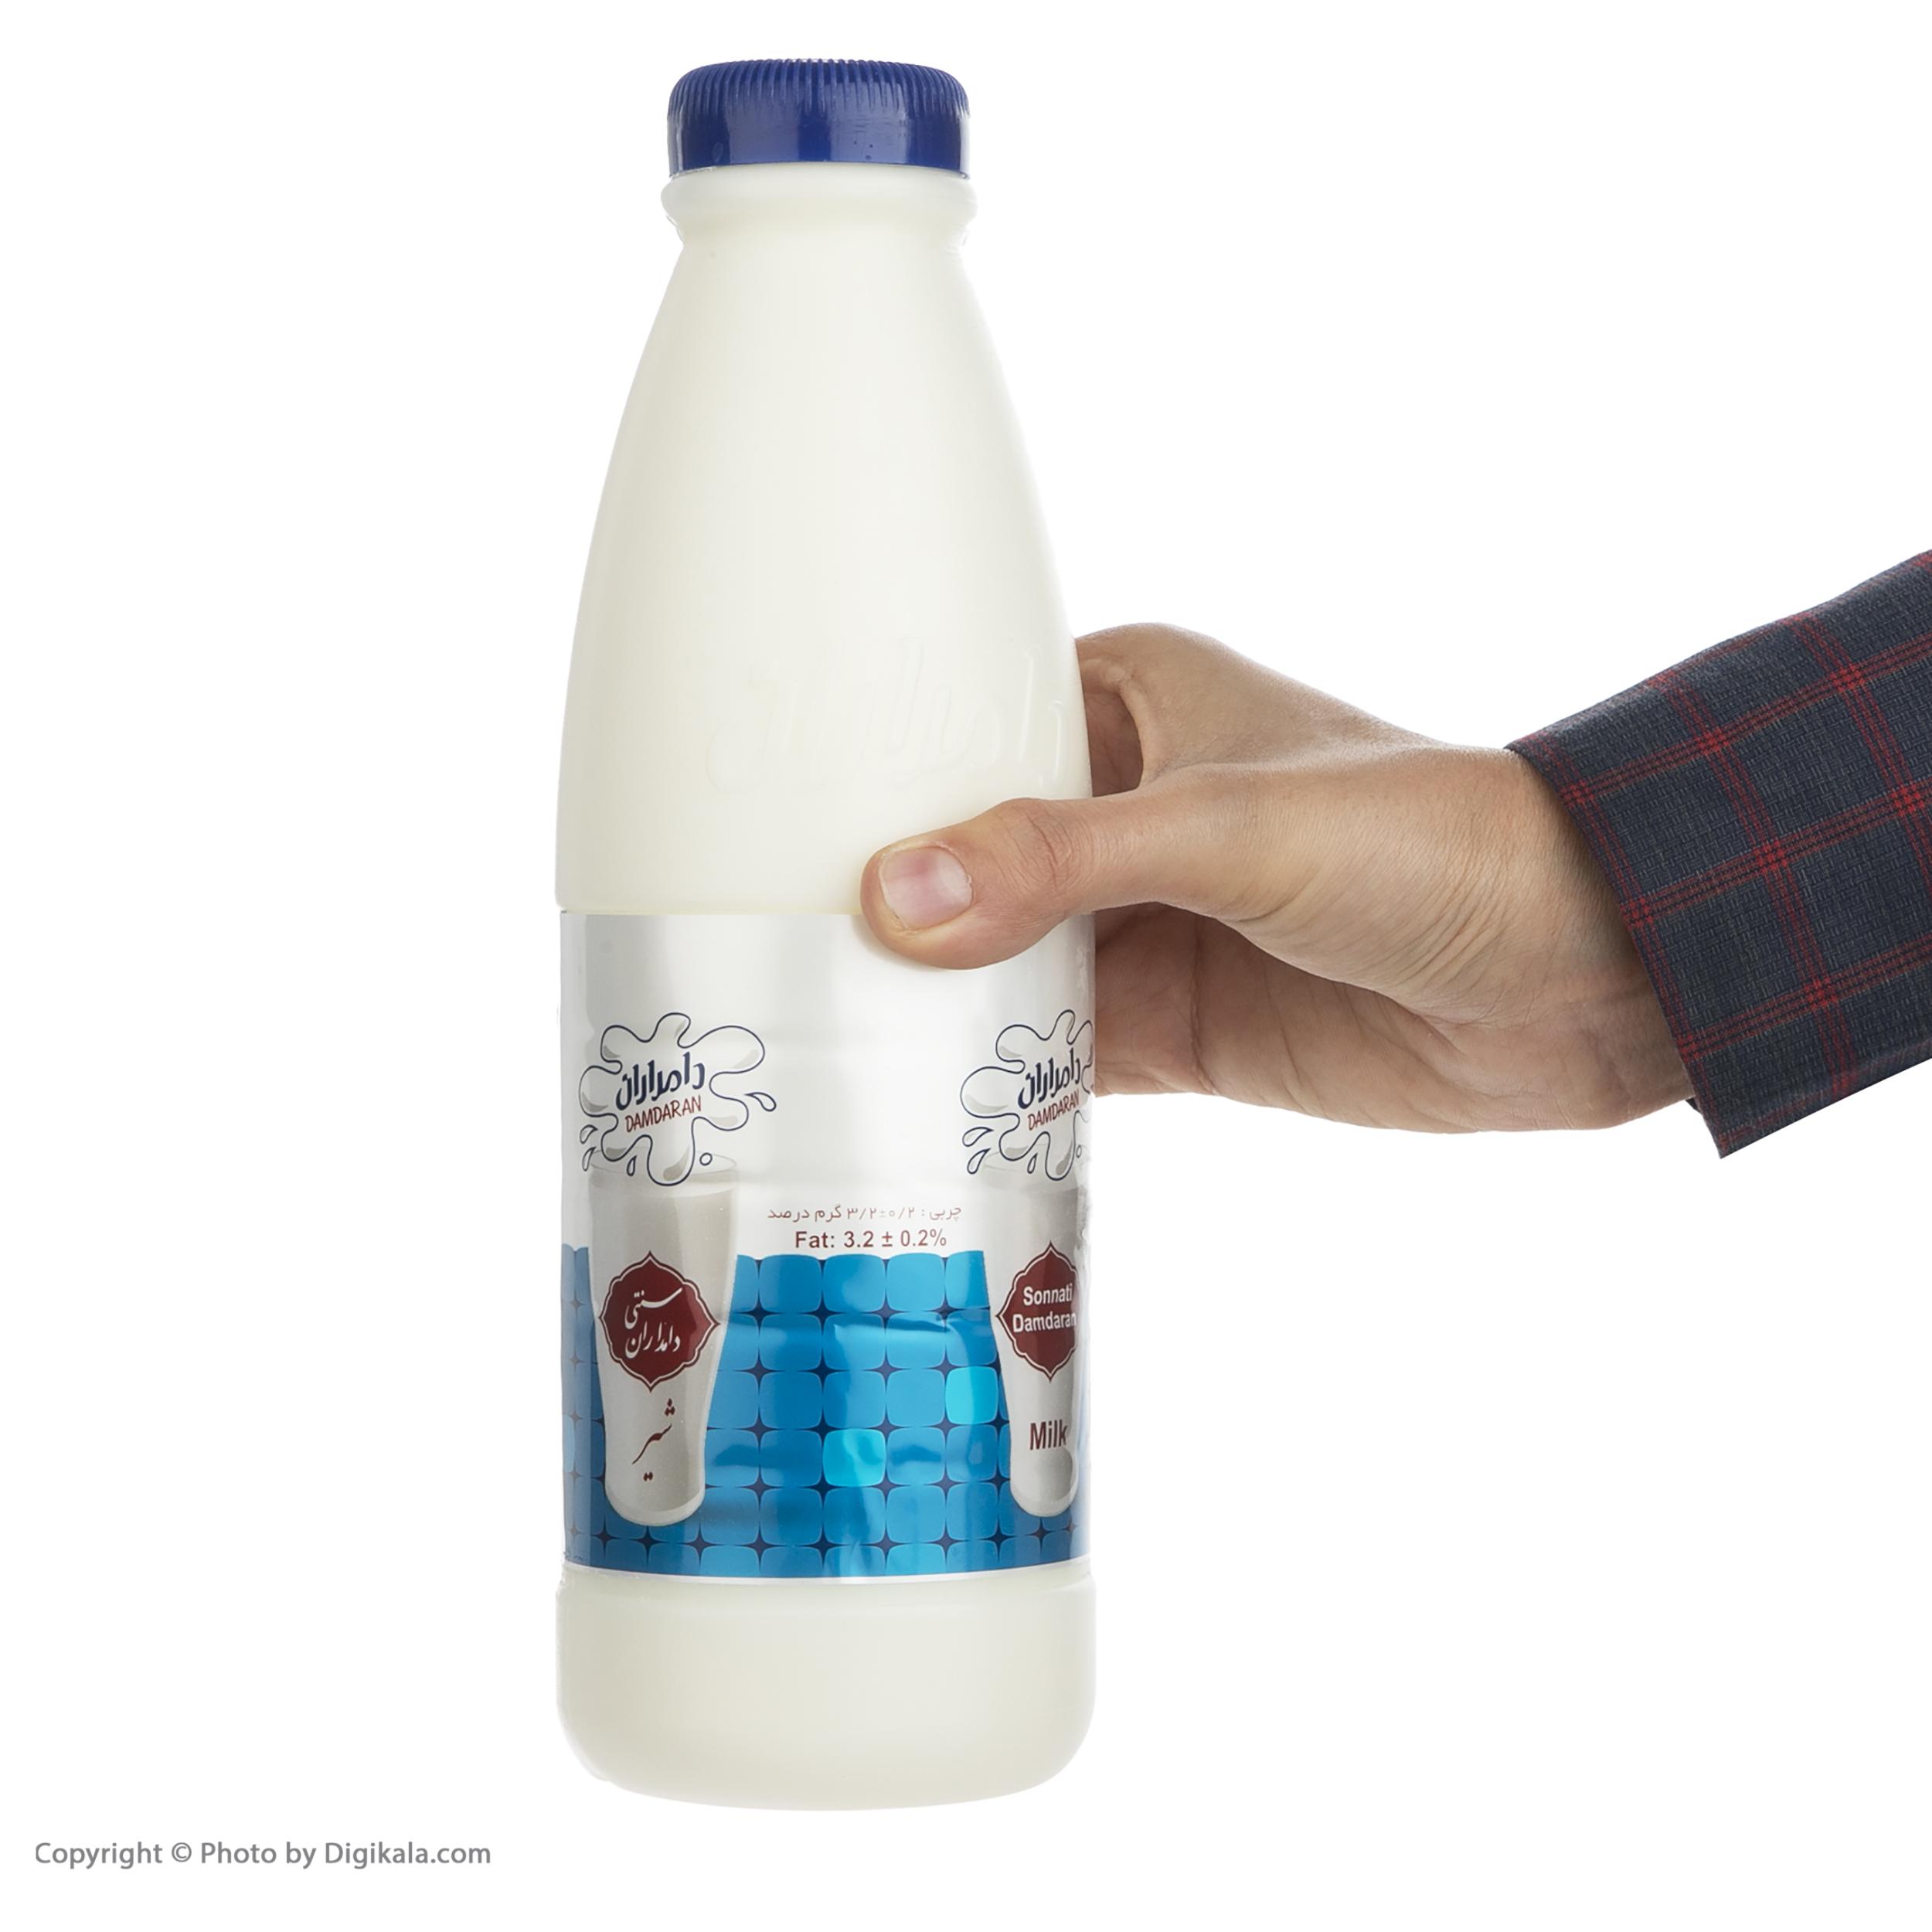 شیر سنتی دامداران - 946 میلی لیتر